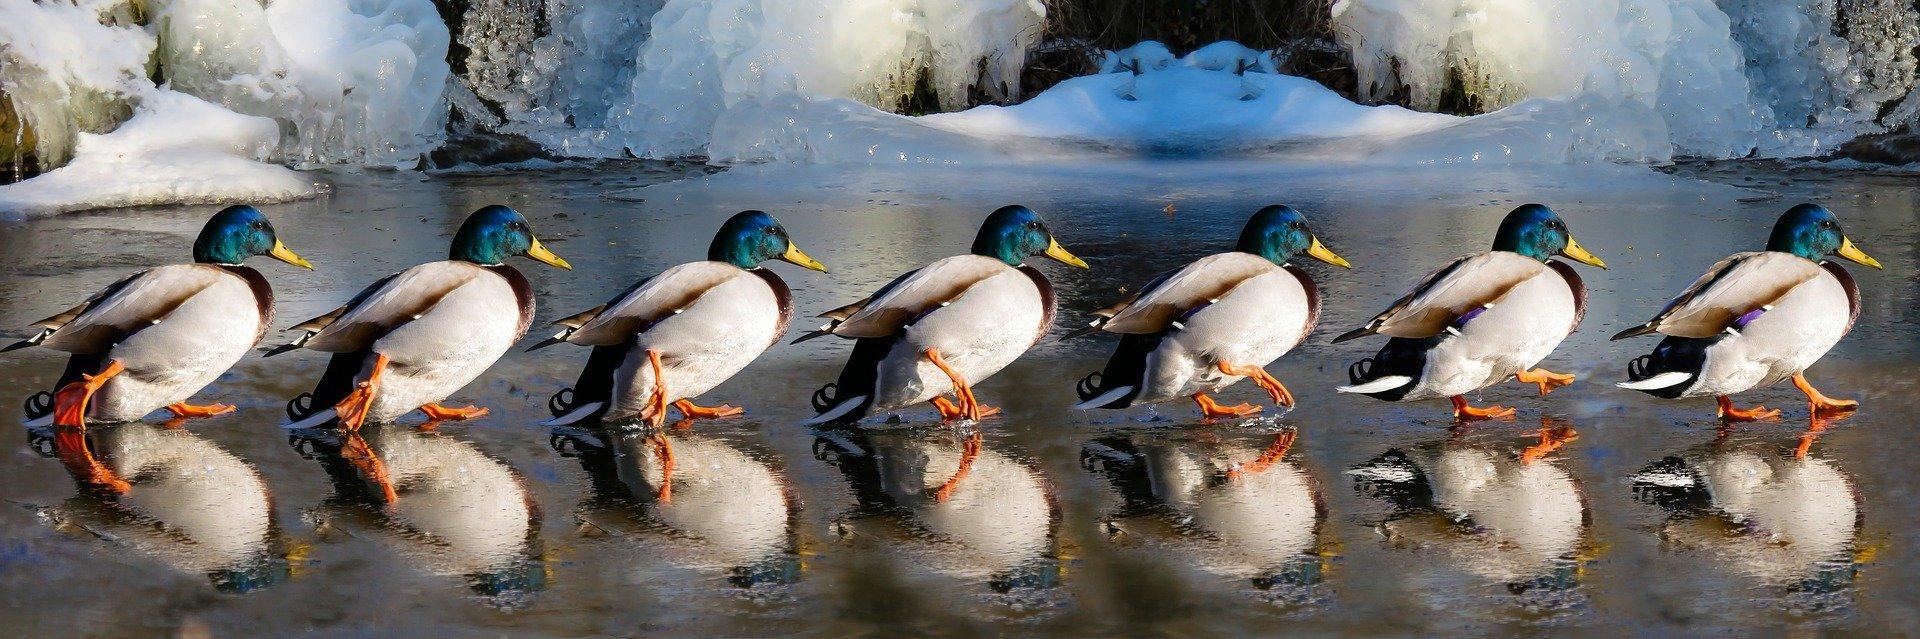 Fila de patos. Fuente: Pixabay